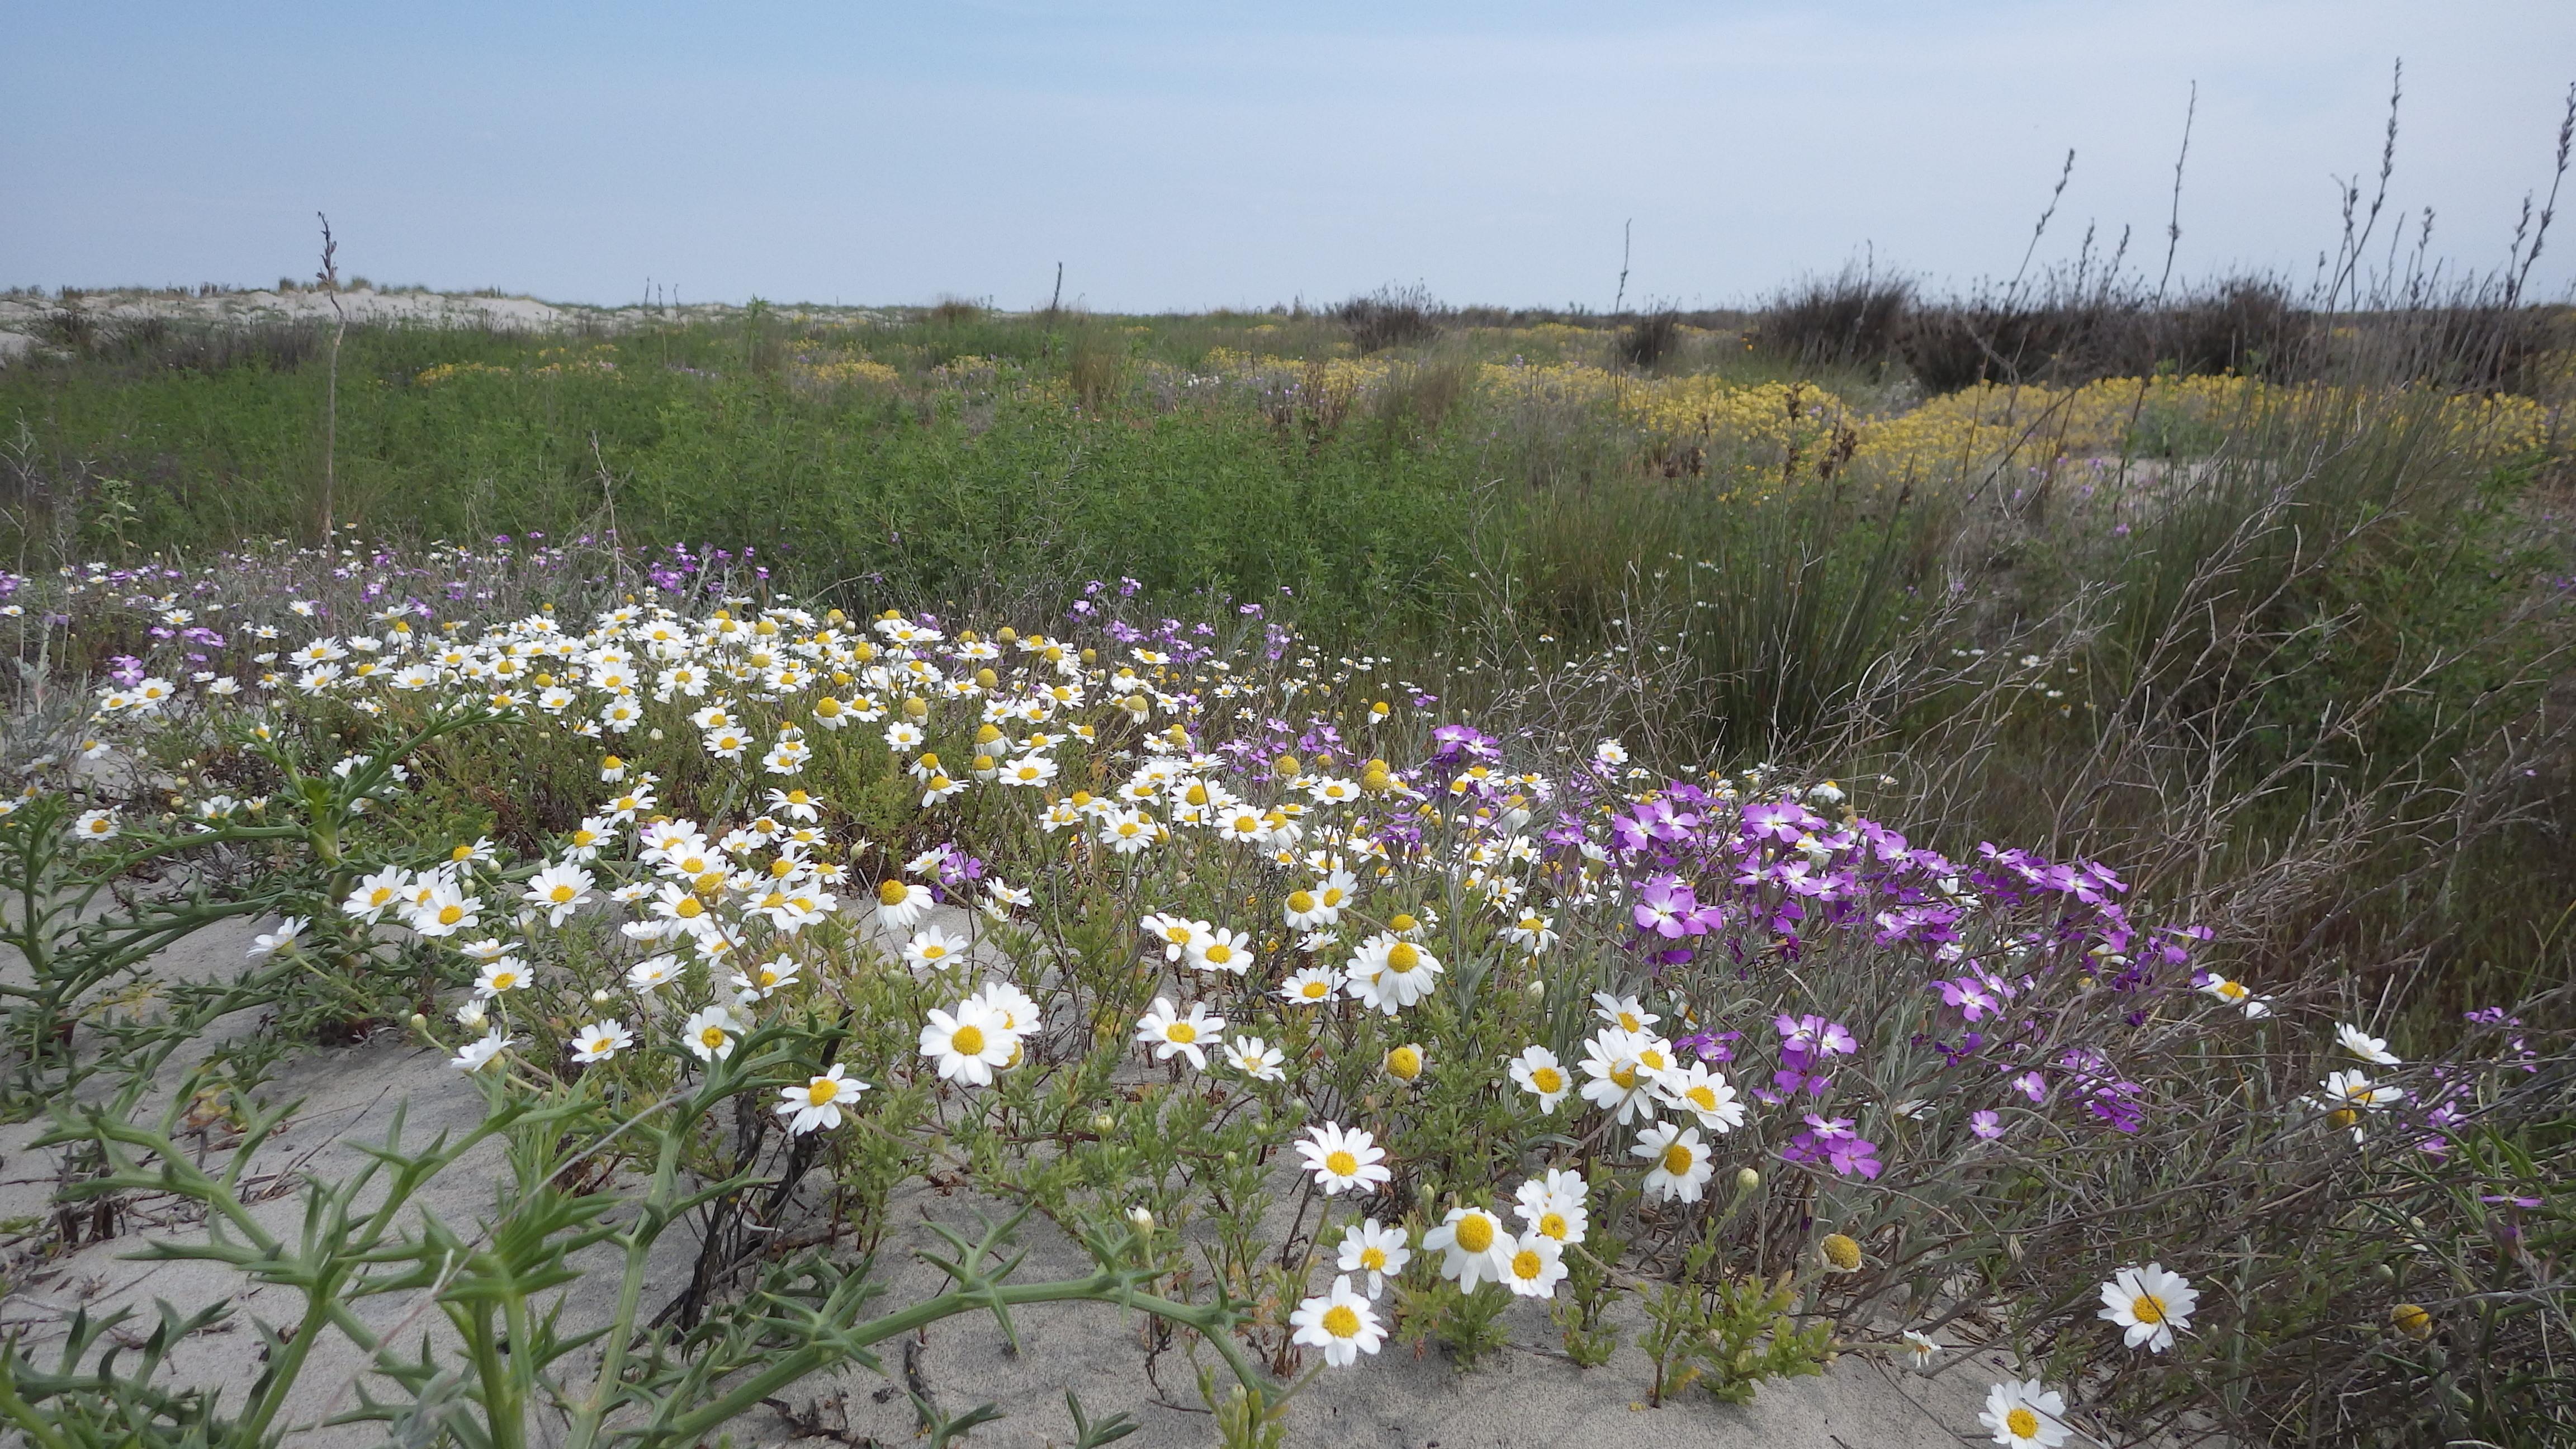 Une belle matinée vous attend à la découverte des superbes dunes de la Réserve naturelle de Camargue, de la flore et de la faune de ces lieux d'exception.